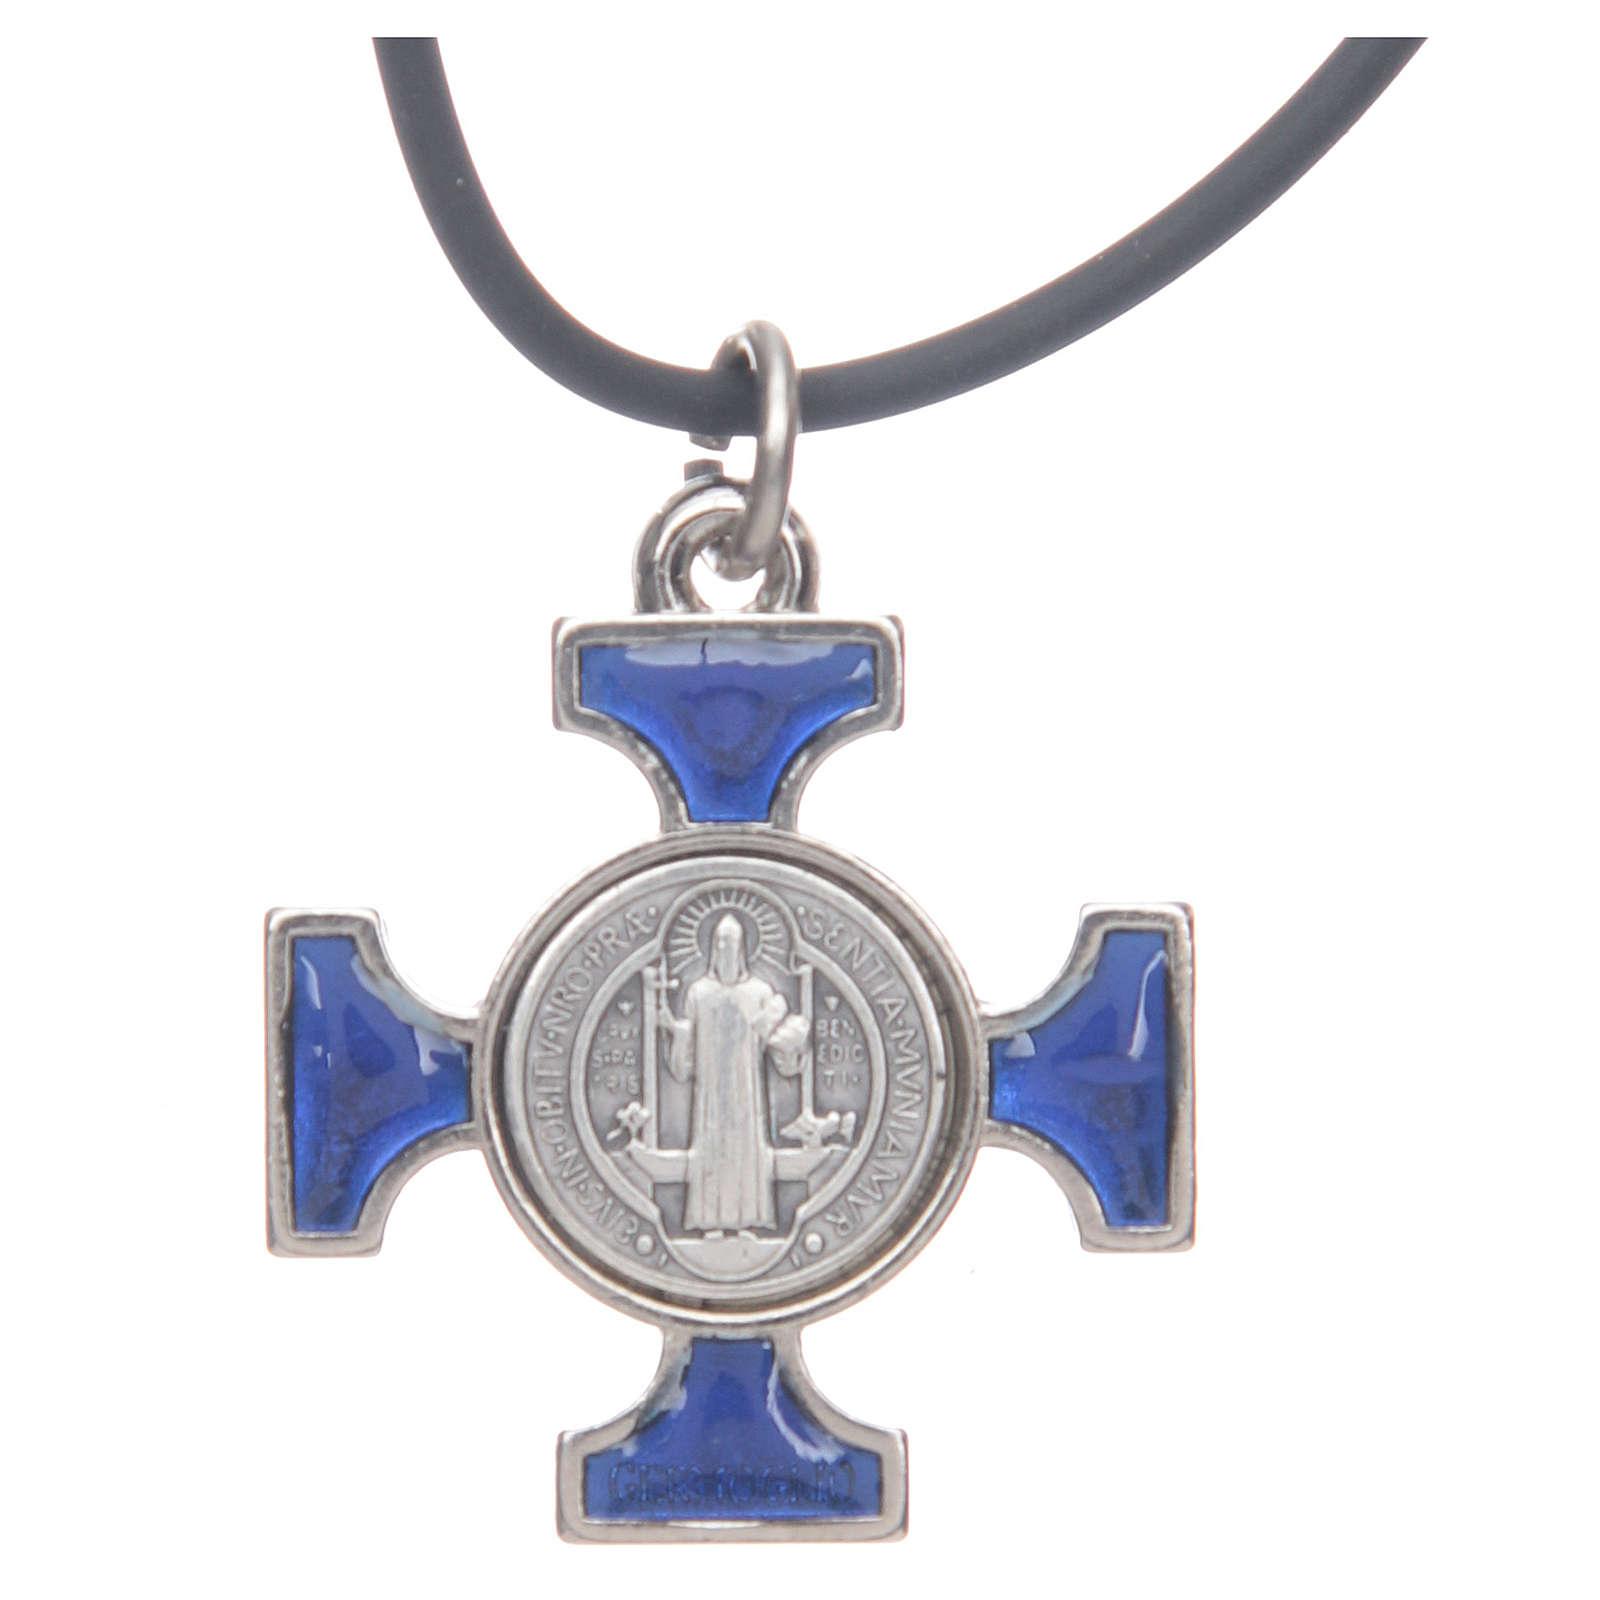 Colar cruz São Bento céltica azul escuro 2,5x2,5 cm 4